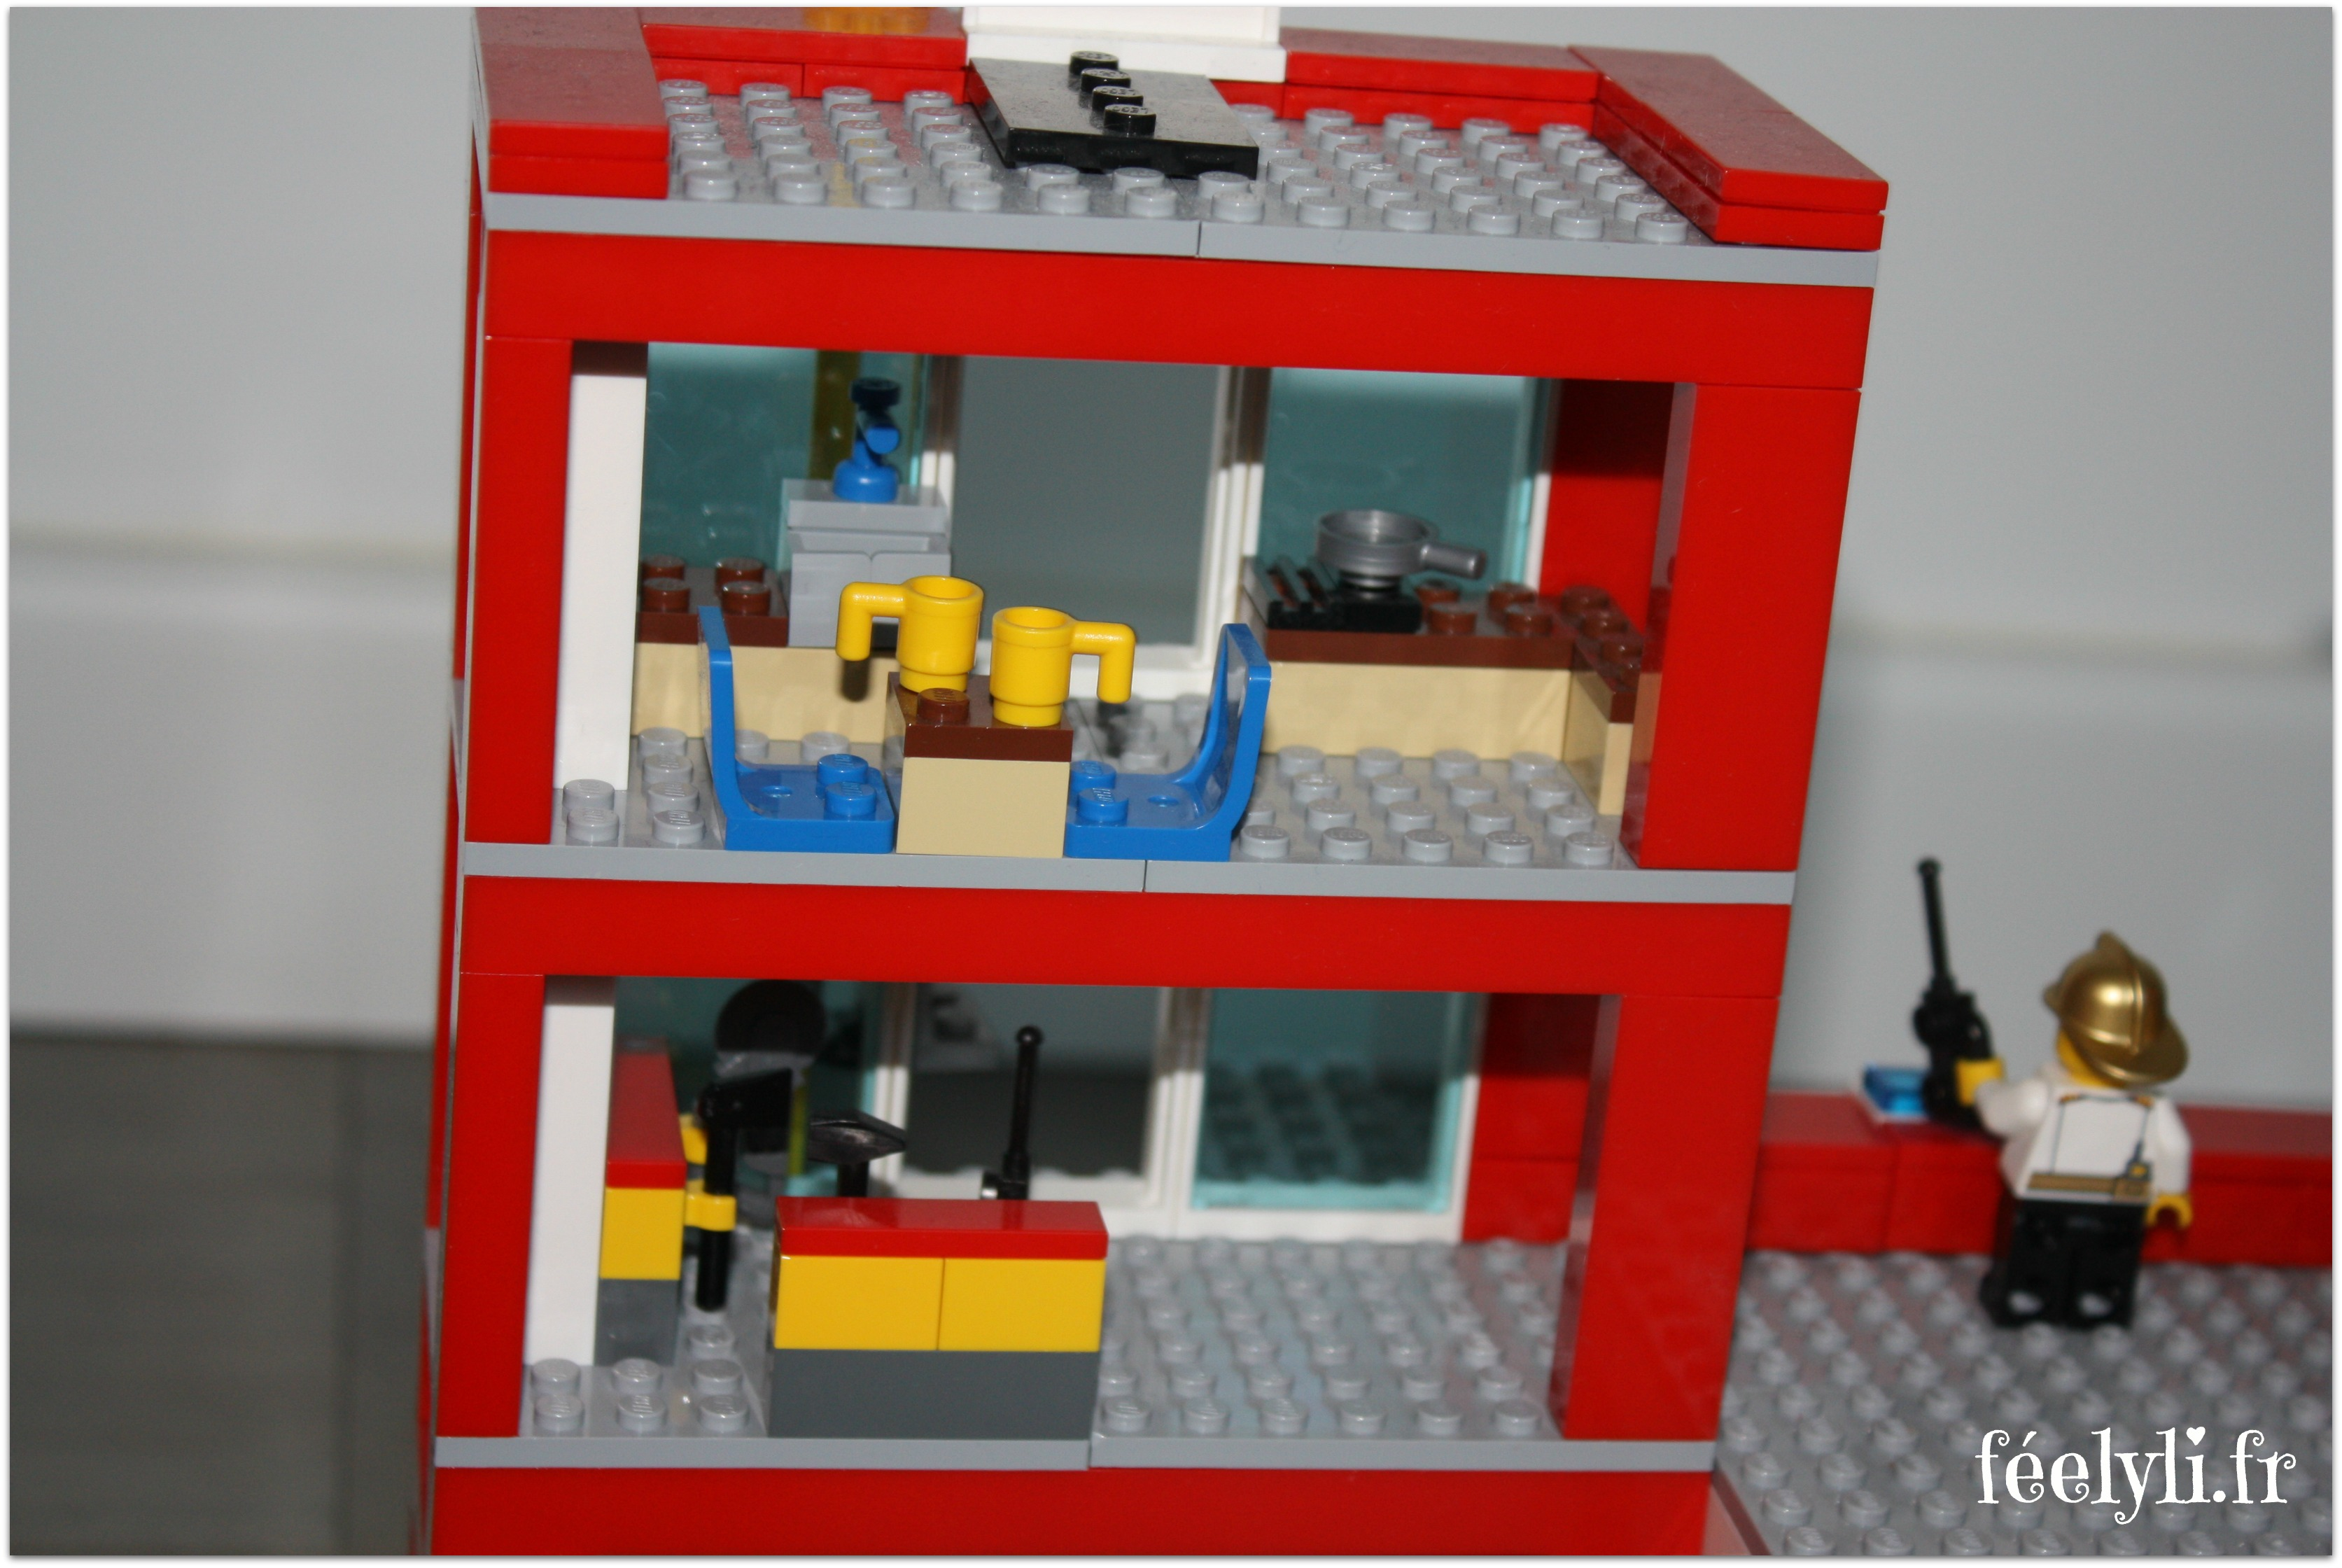 intérieur caserne pompier lego